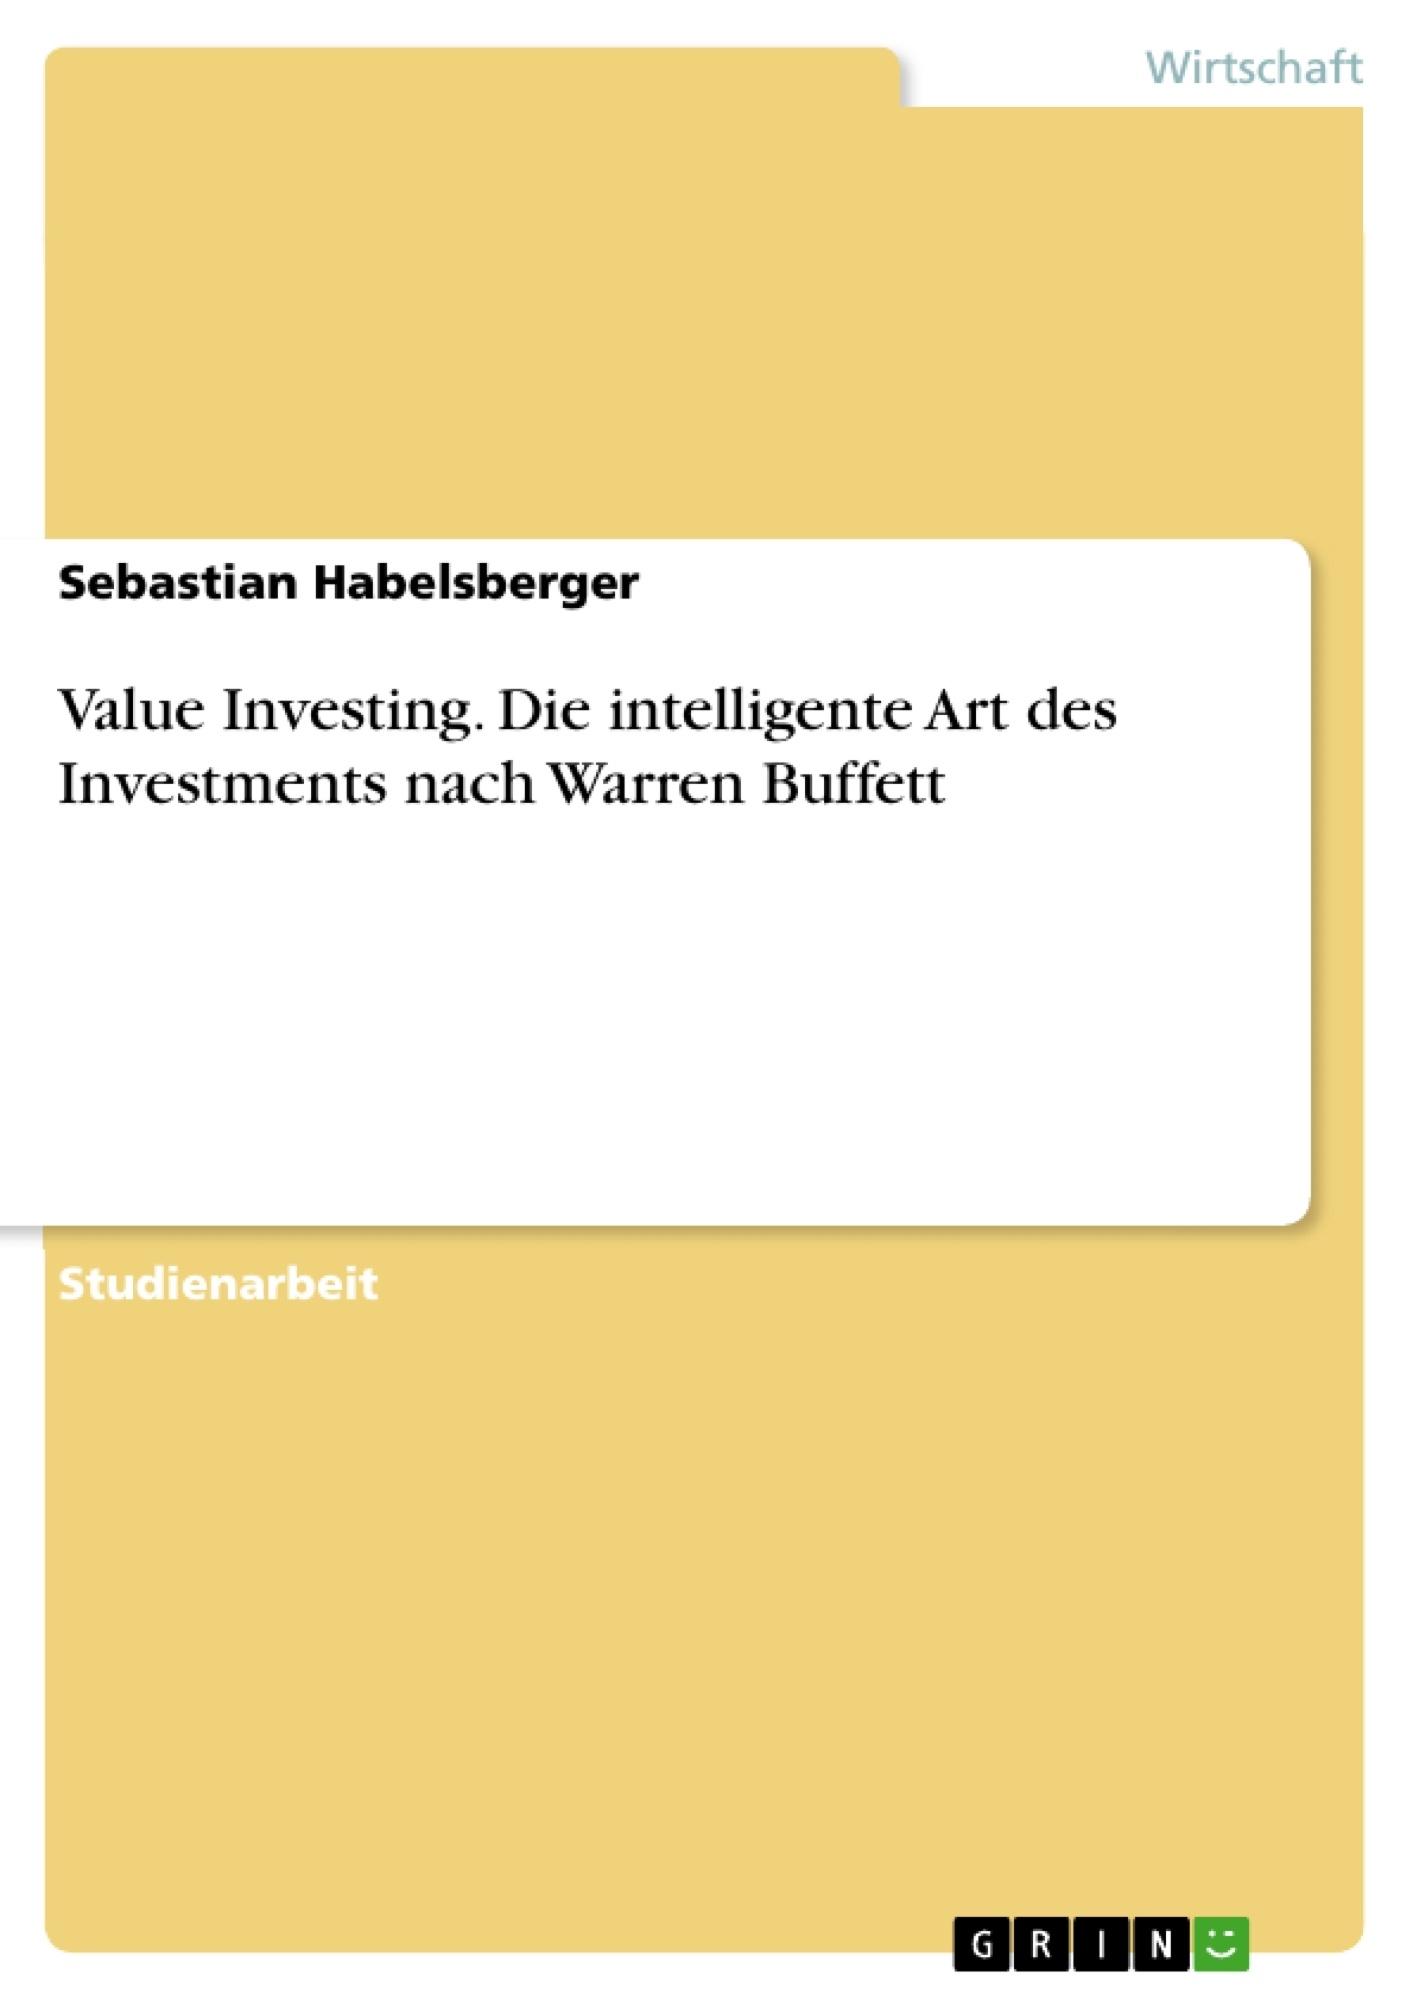 Titel: Value Investing. Die intelligente Art des Investments nach Warren Buffett